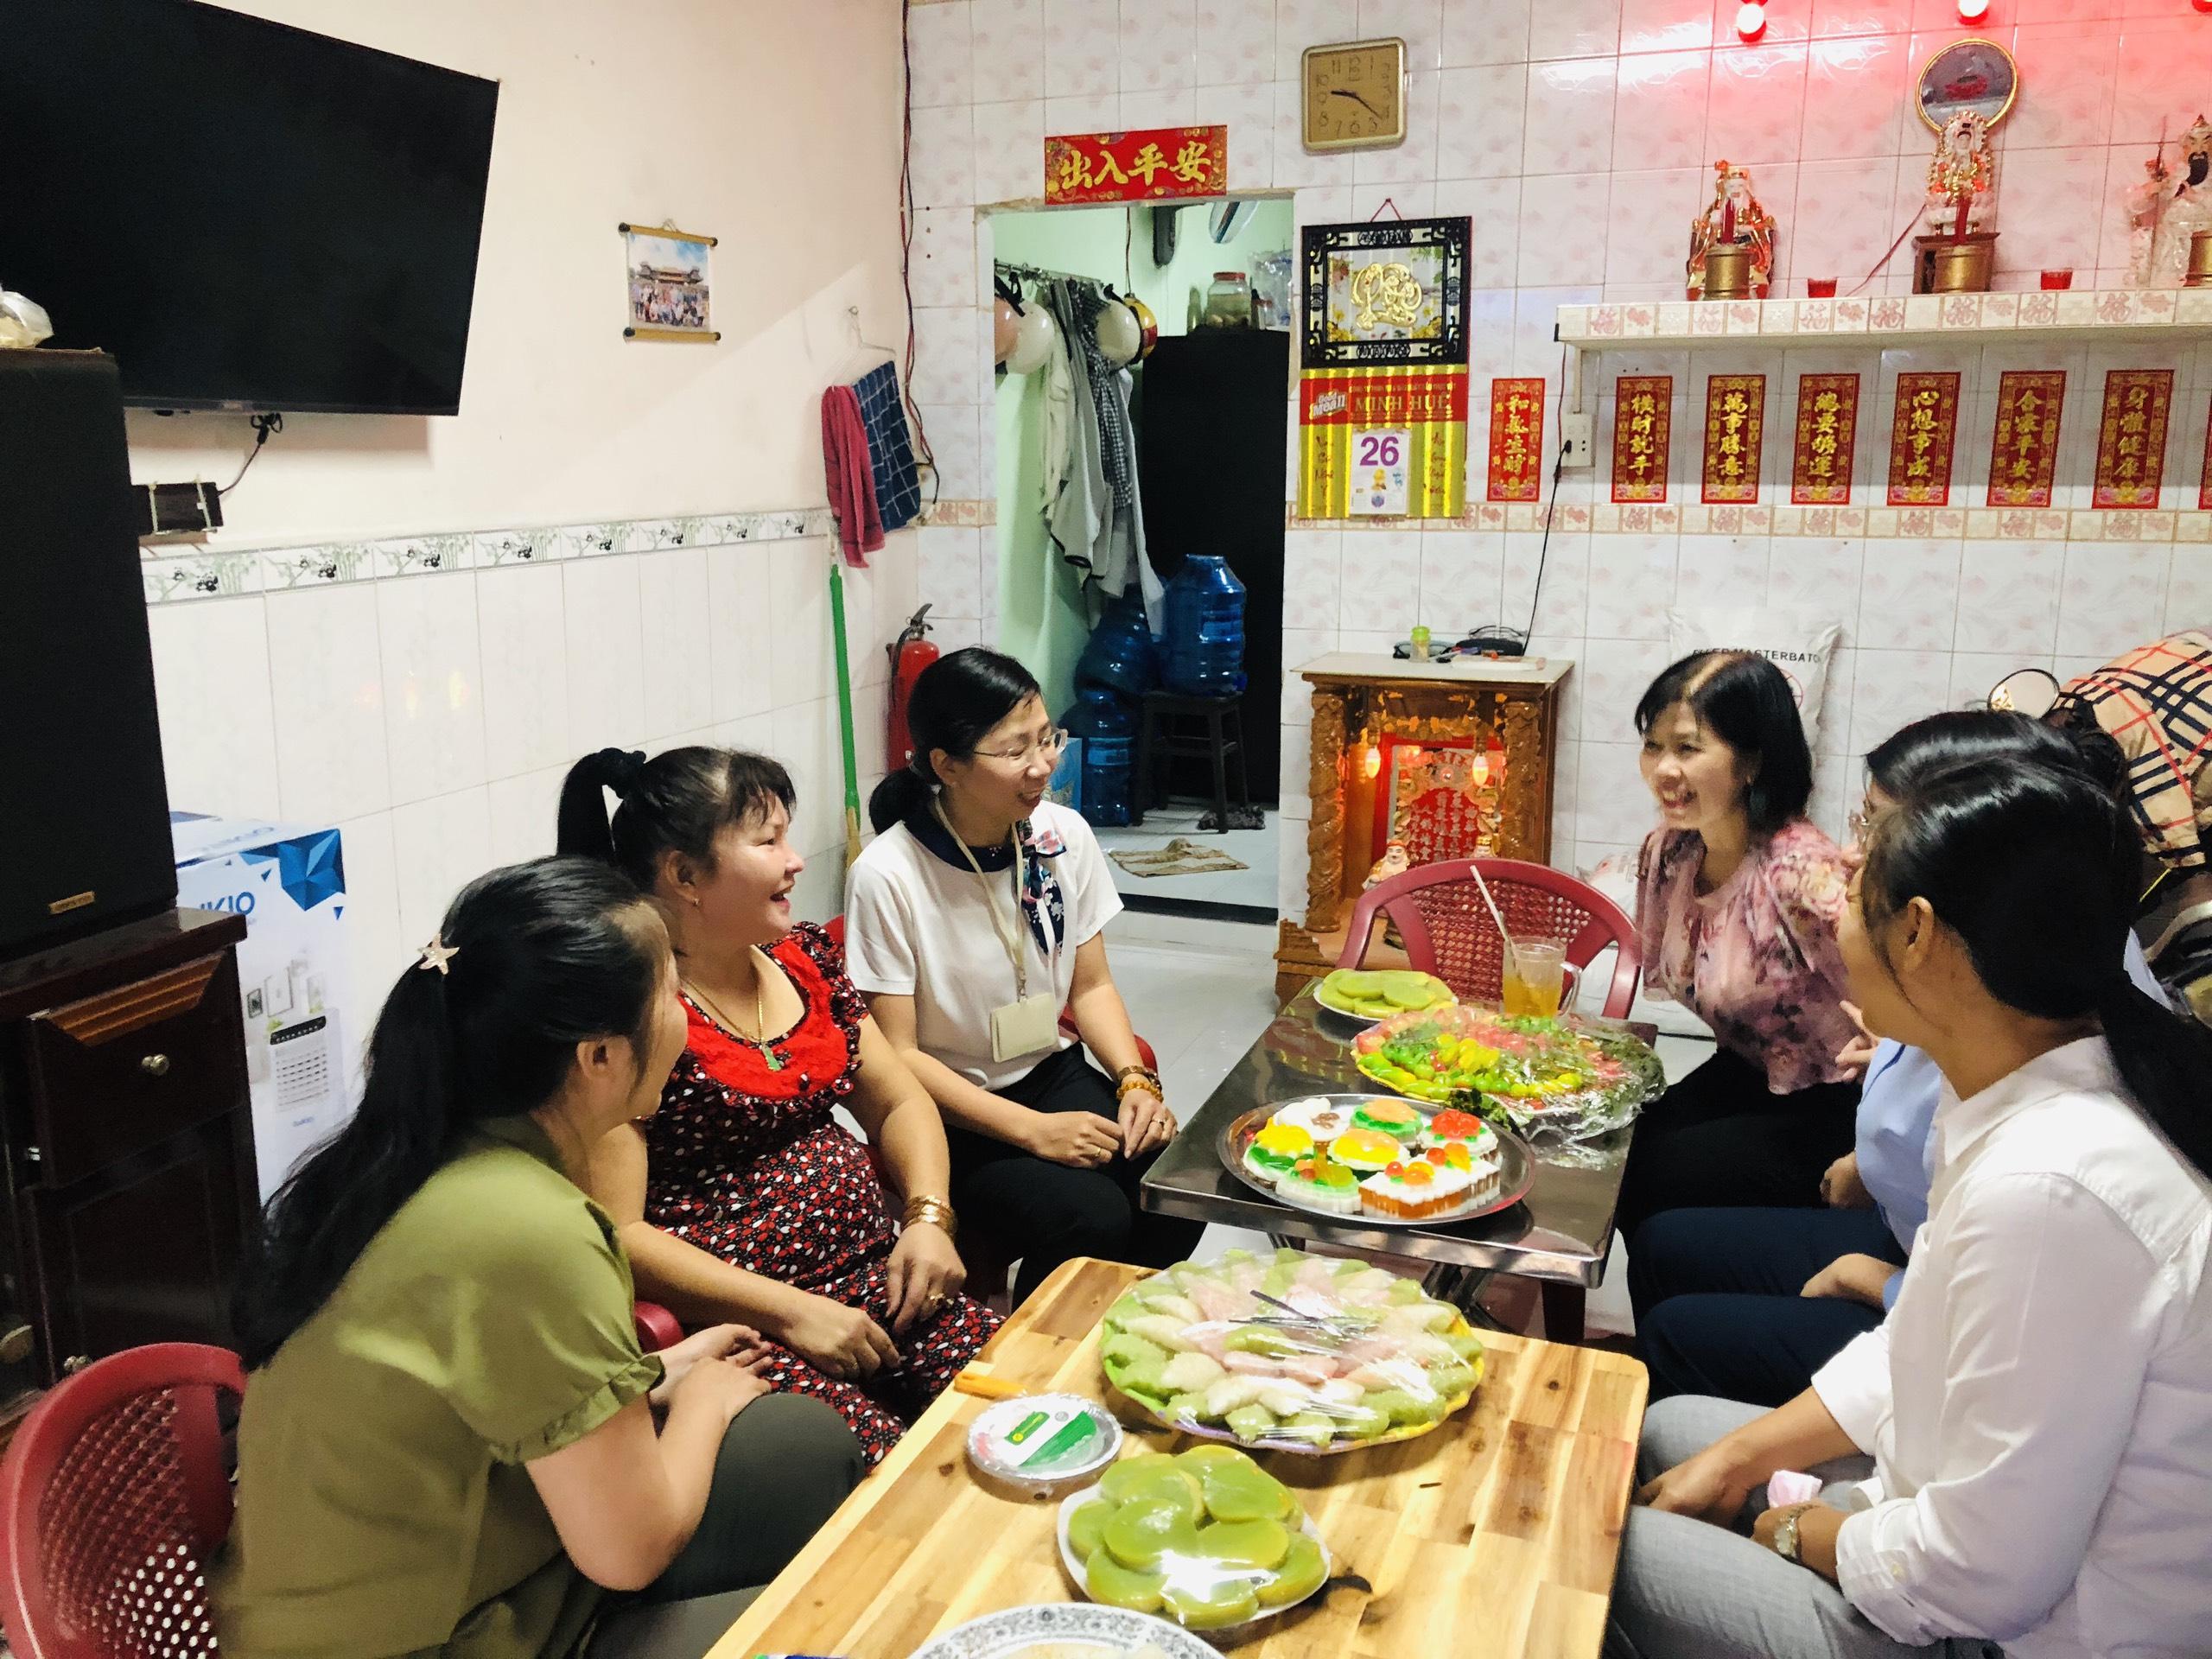 Chị Liên (thứ 2, từ trái qua) chia sẻ với đoàn về công việc hàng ngày và niềm vui khi được theo đuổi đam mê làm bánh.